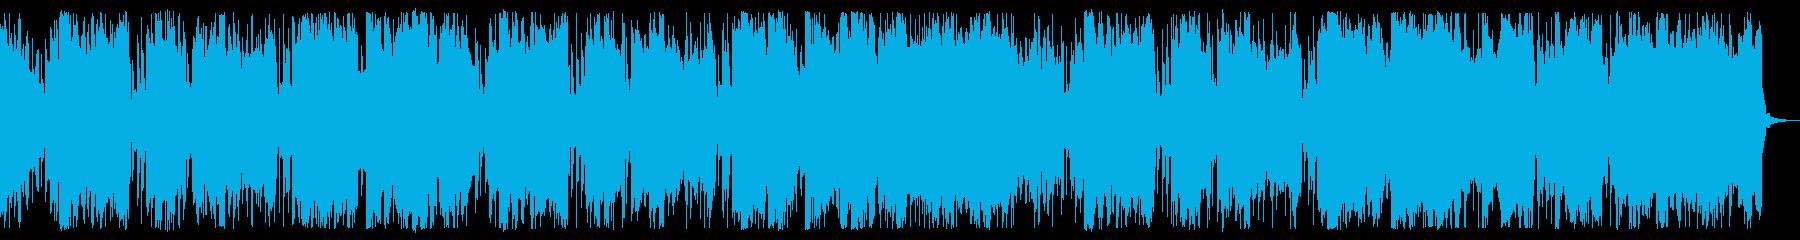 スローでアンニュイなチップチューンの再生済みの波形